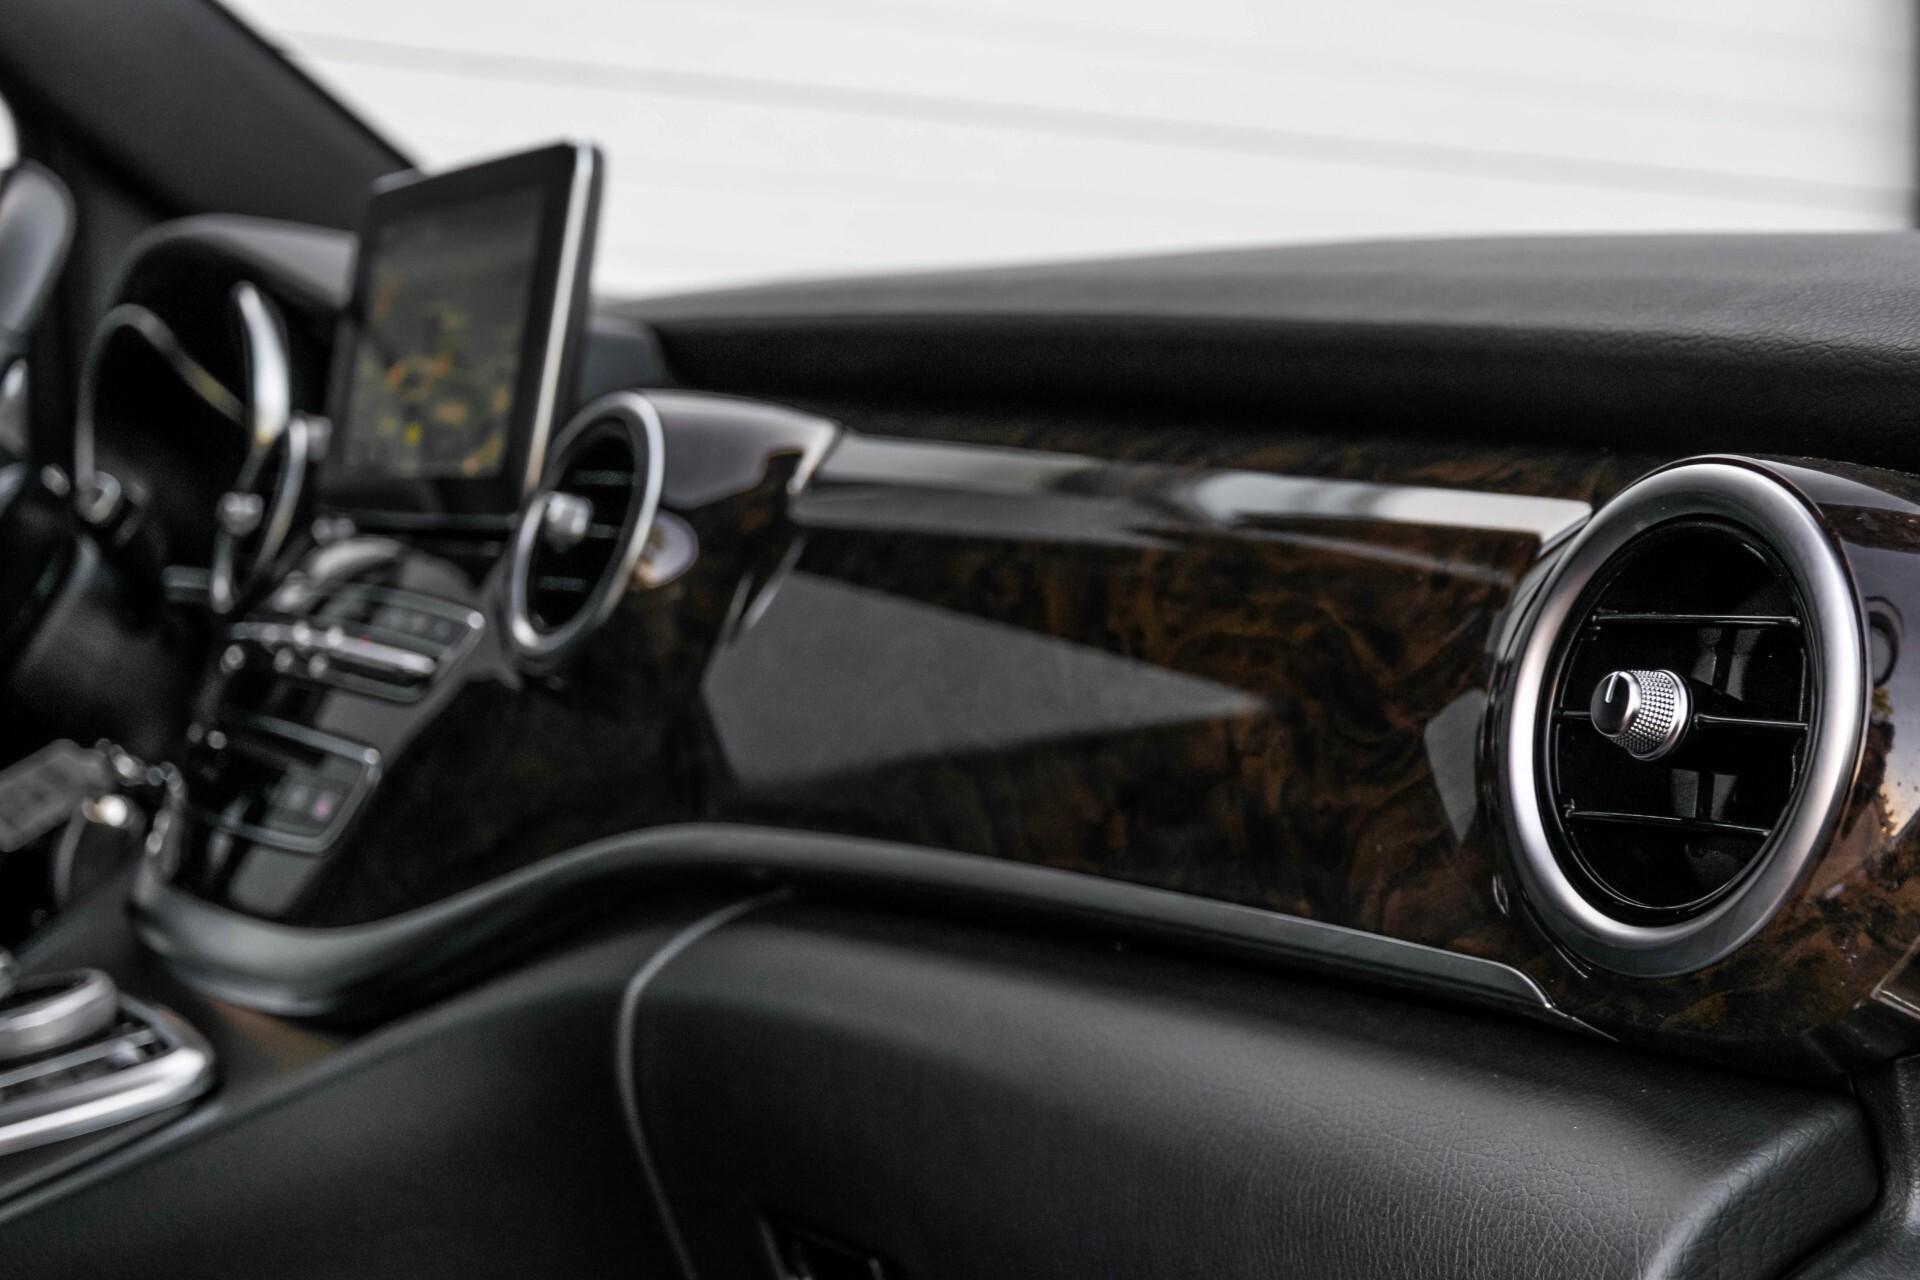 Mercedes-Benz V-Klasse 220d Extra Lang 8-Persoons Avantgarde Edition Burmester/360camera/spoorpakket/ILS Aut7 Foto 18